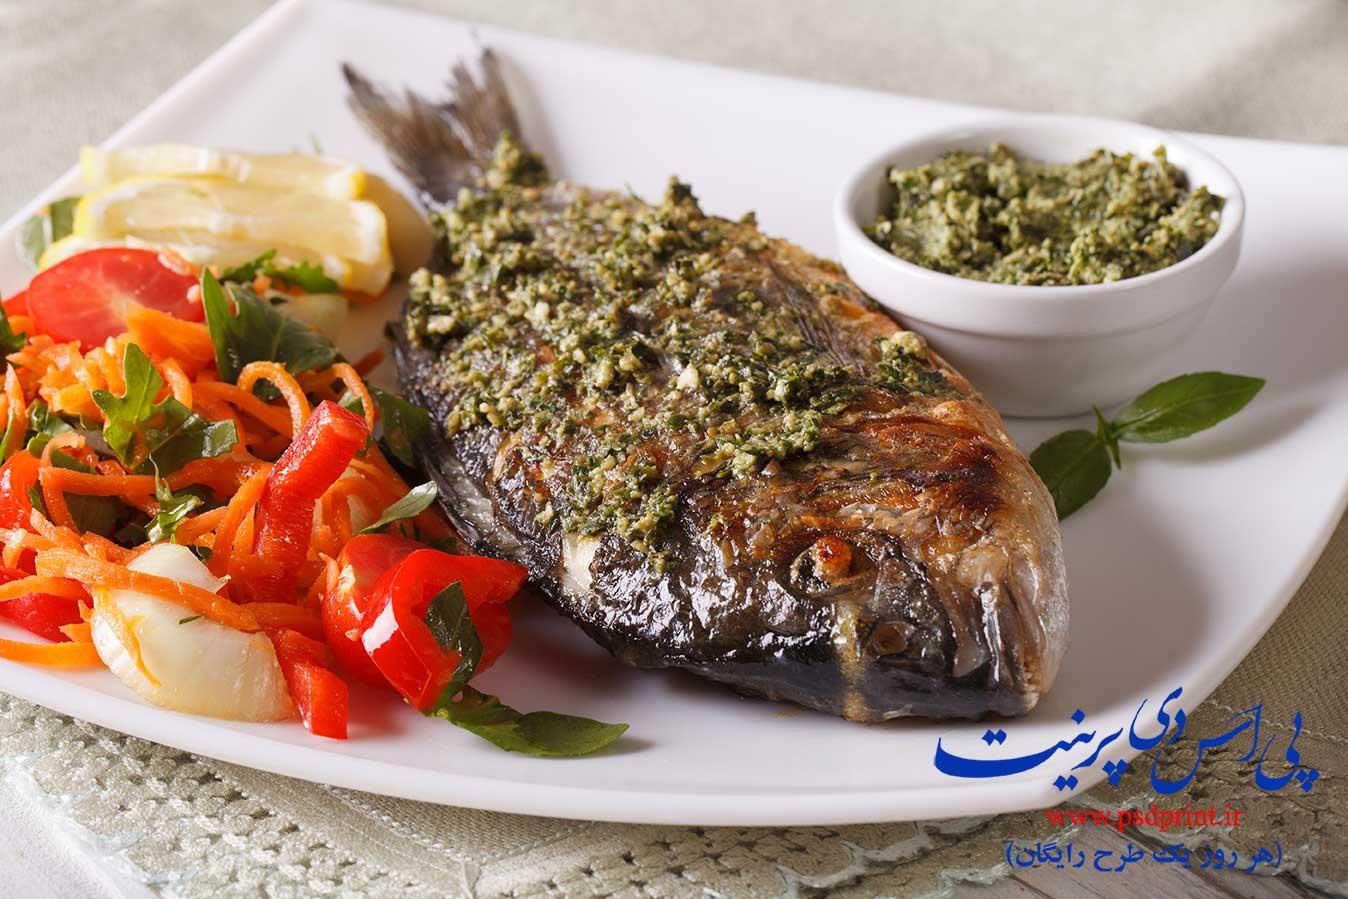 ماهی سرخ شده